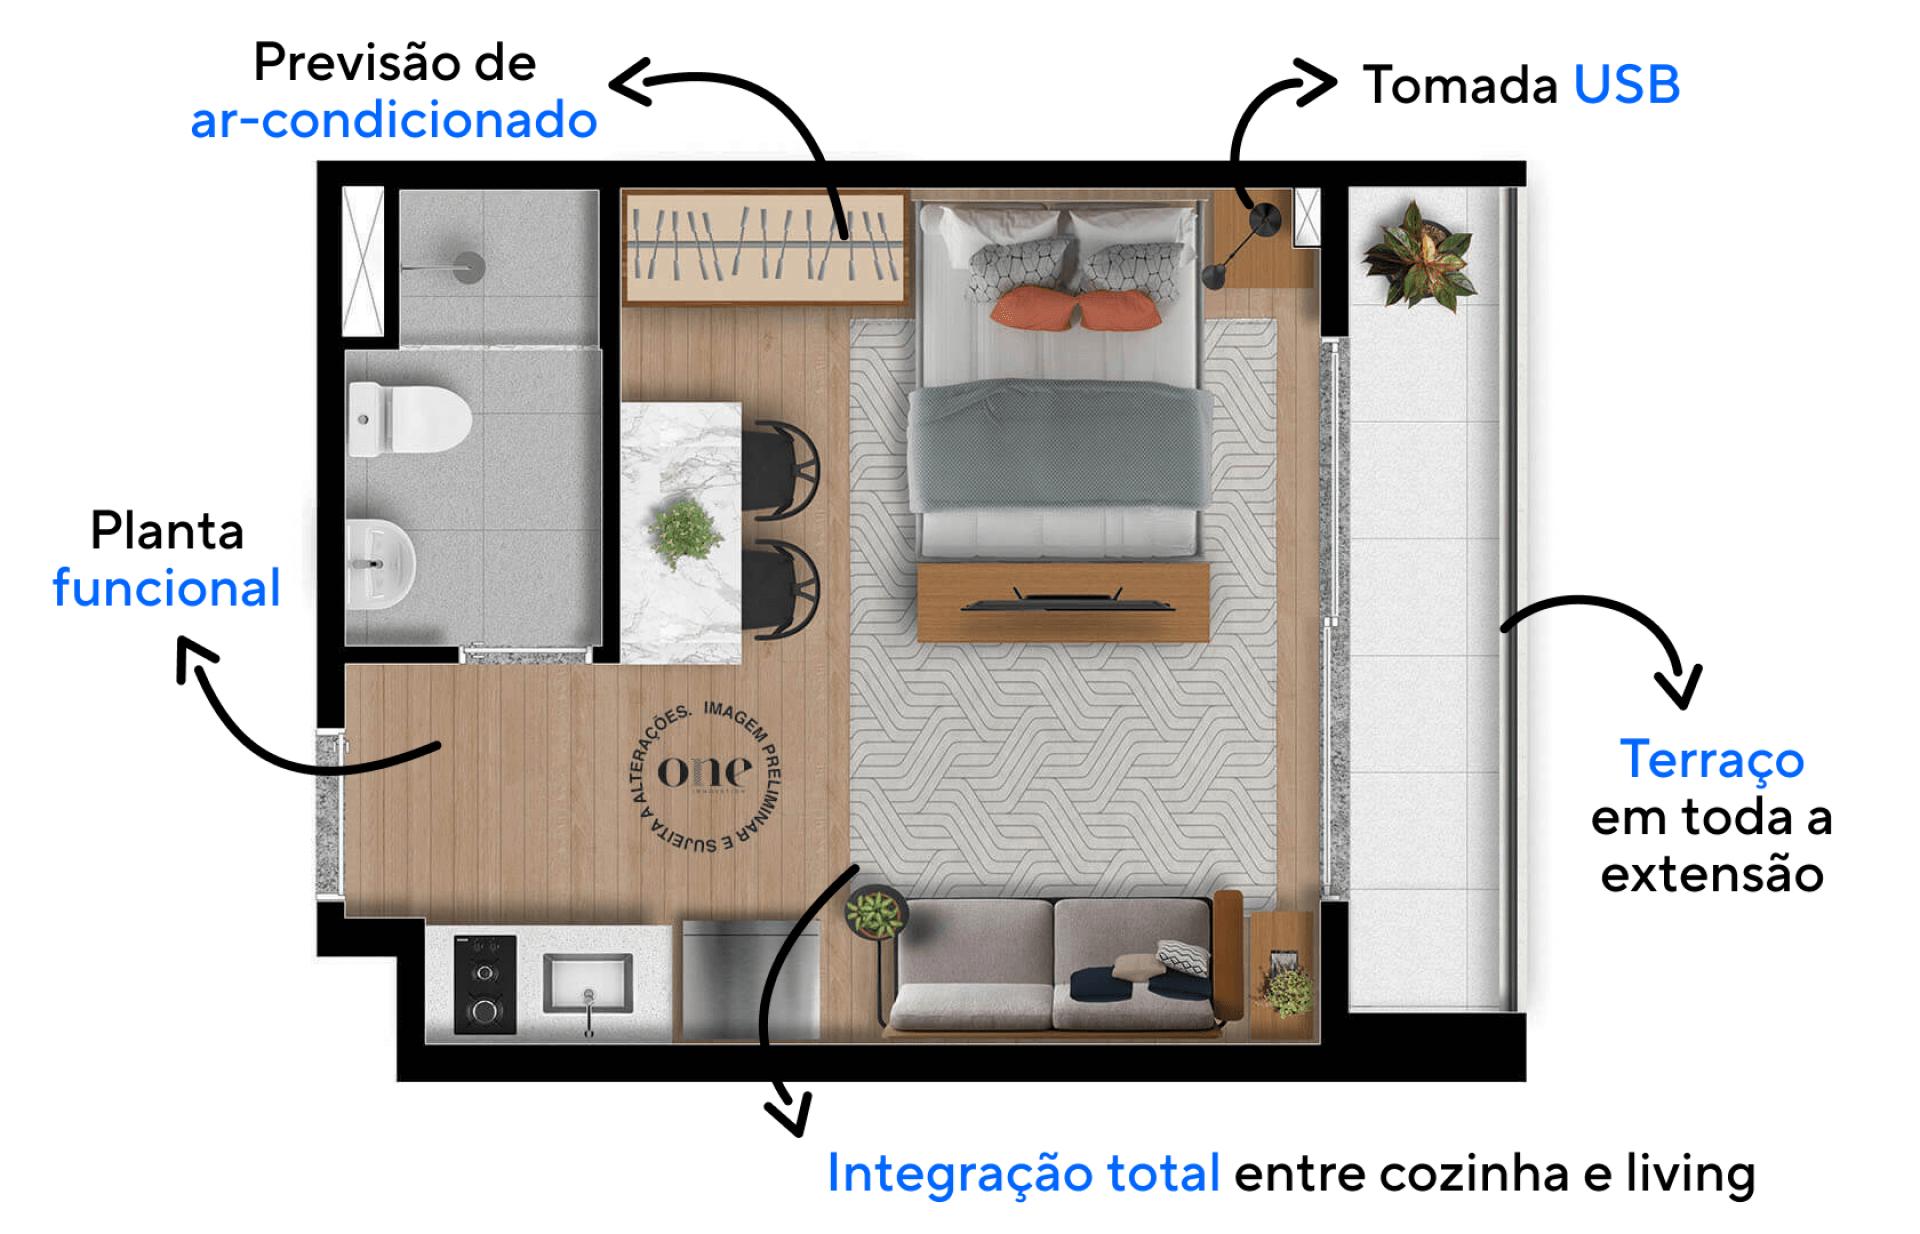 27 M² - STUDIO com planta funcional e compacta que integra totalmente os ambientes, uma configuração para quem gosta de um estilo de vida prático e urbano.